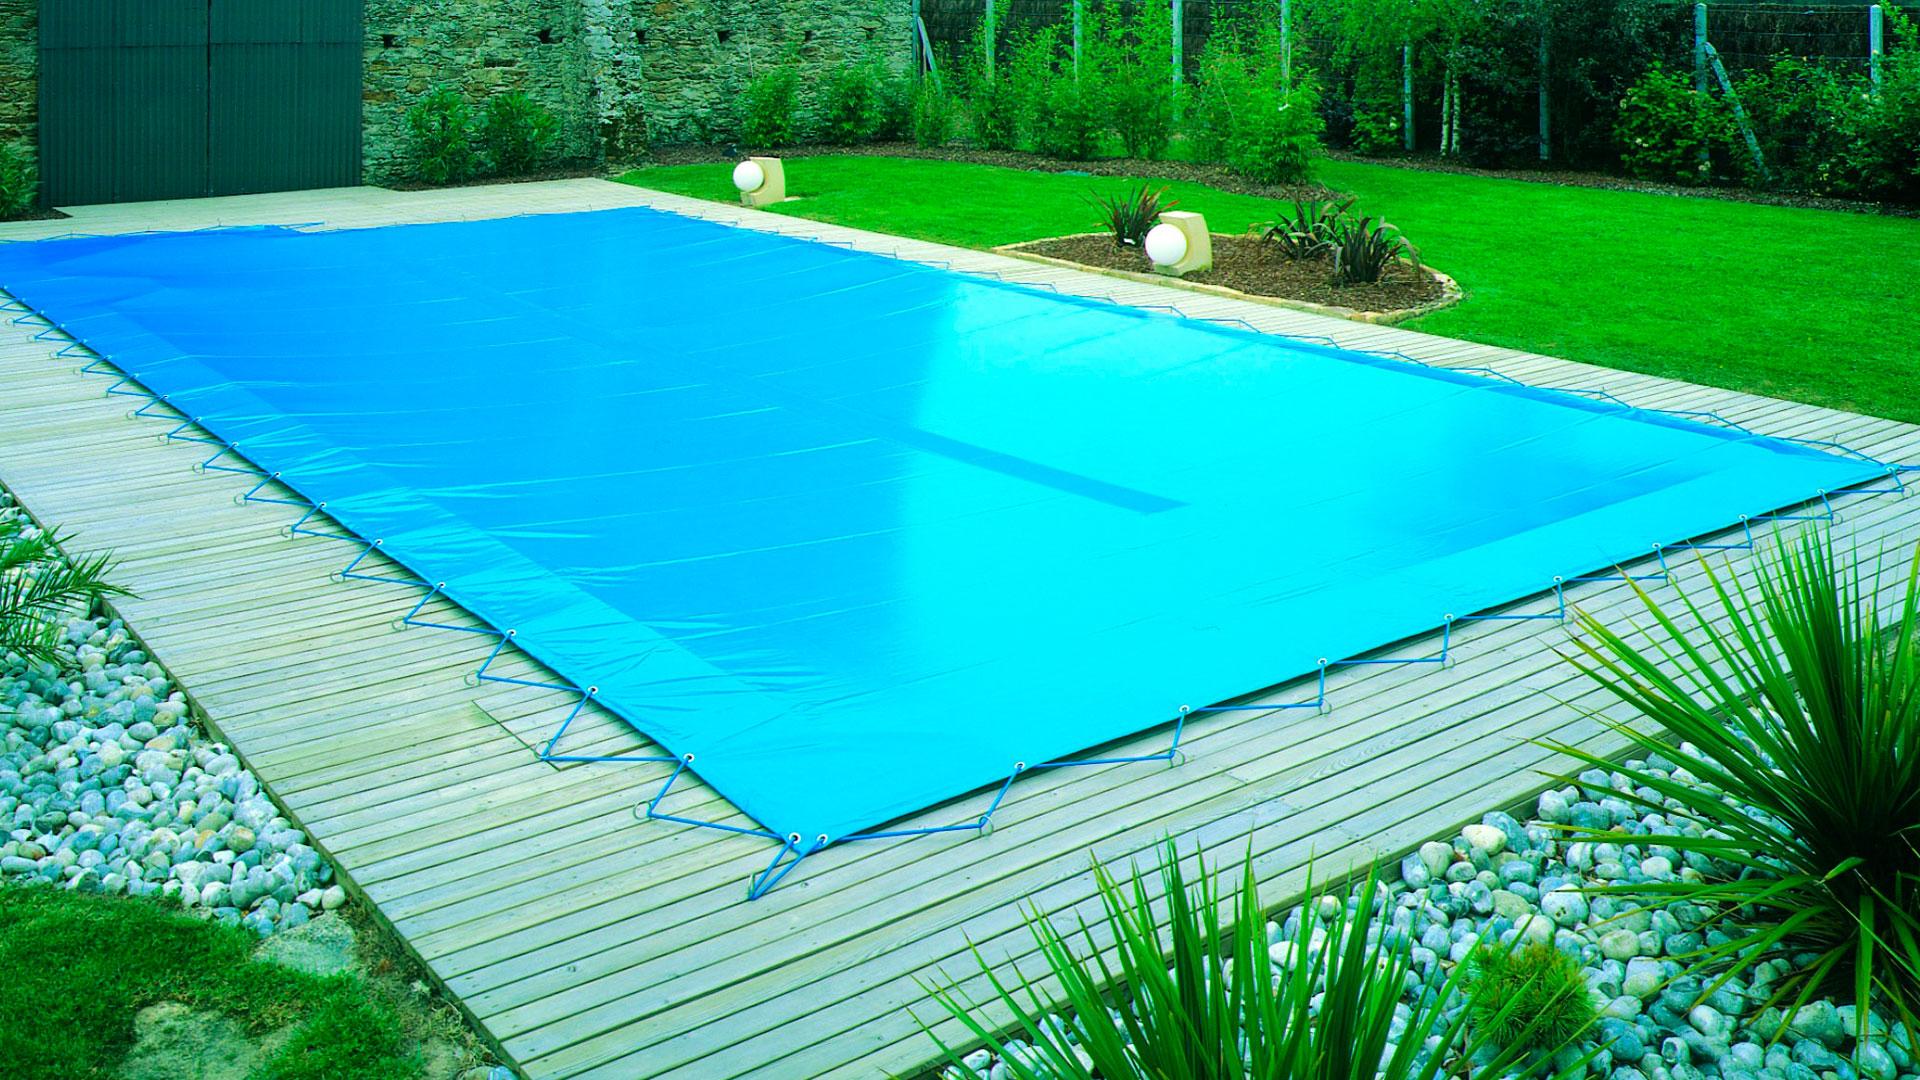 toldos-arta-lona-piscina-toldos